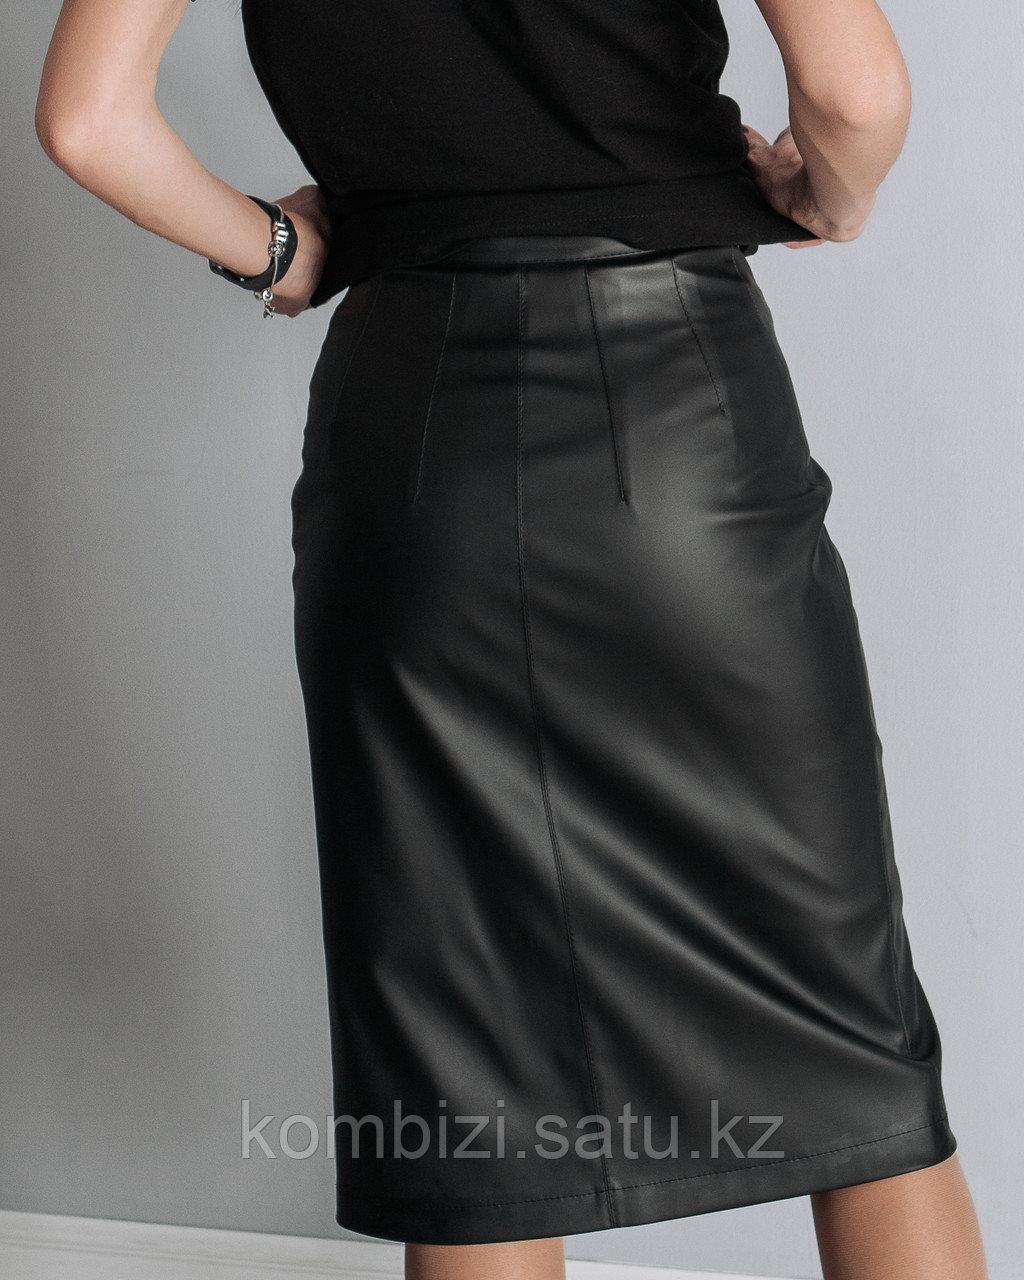 Юбка из экокожи Classic, черная - фото 2